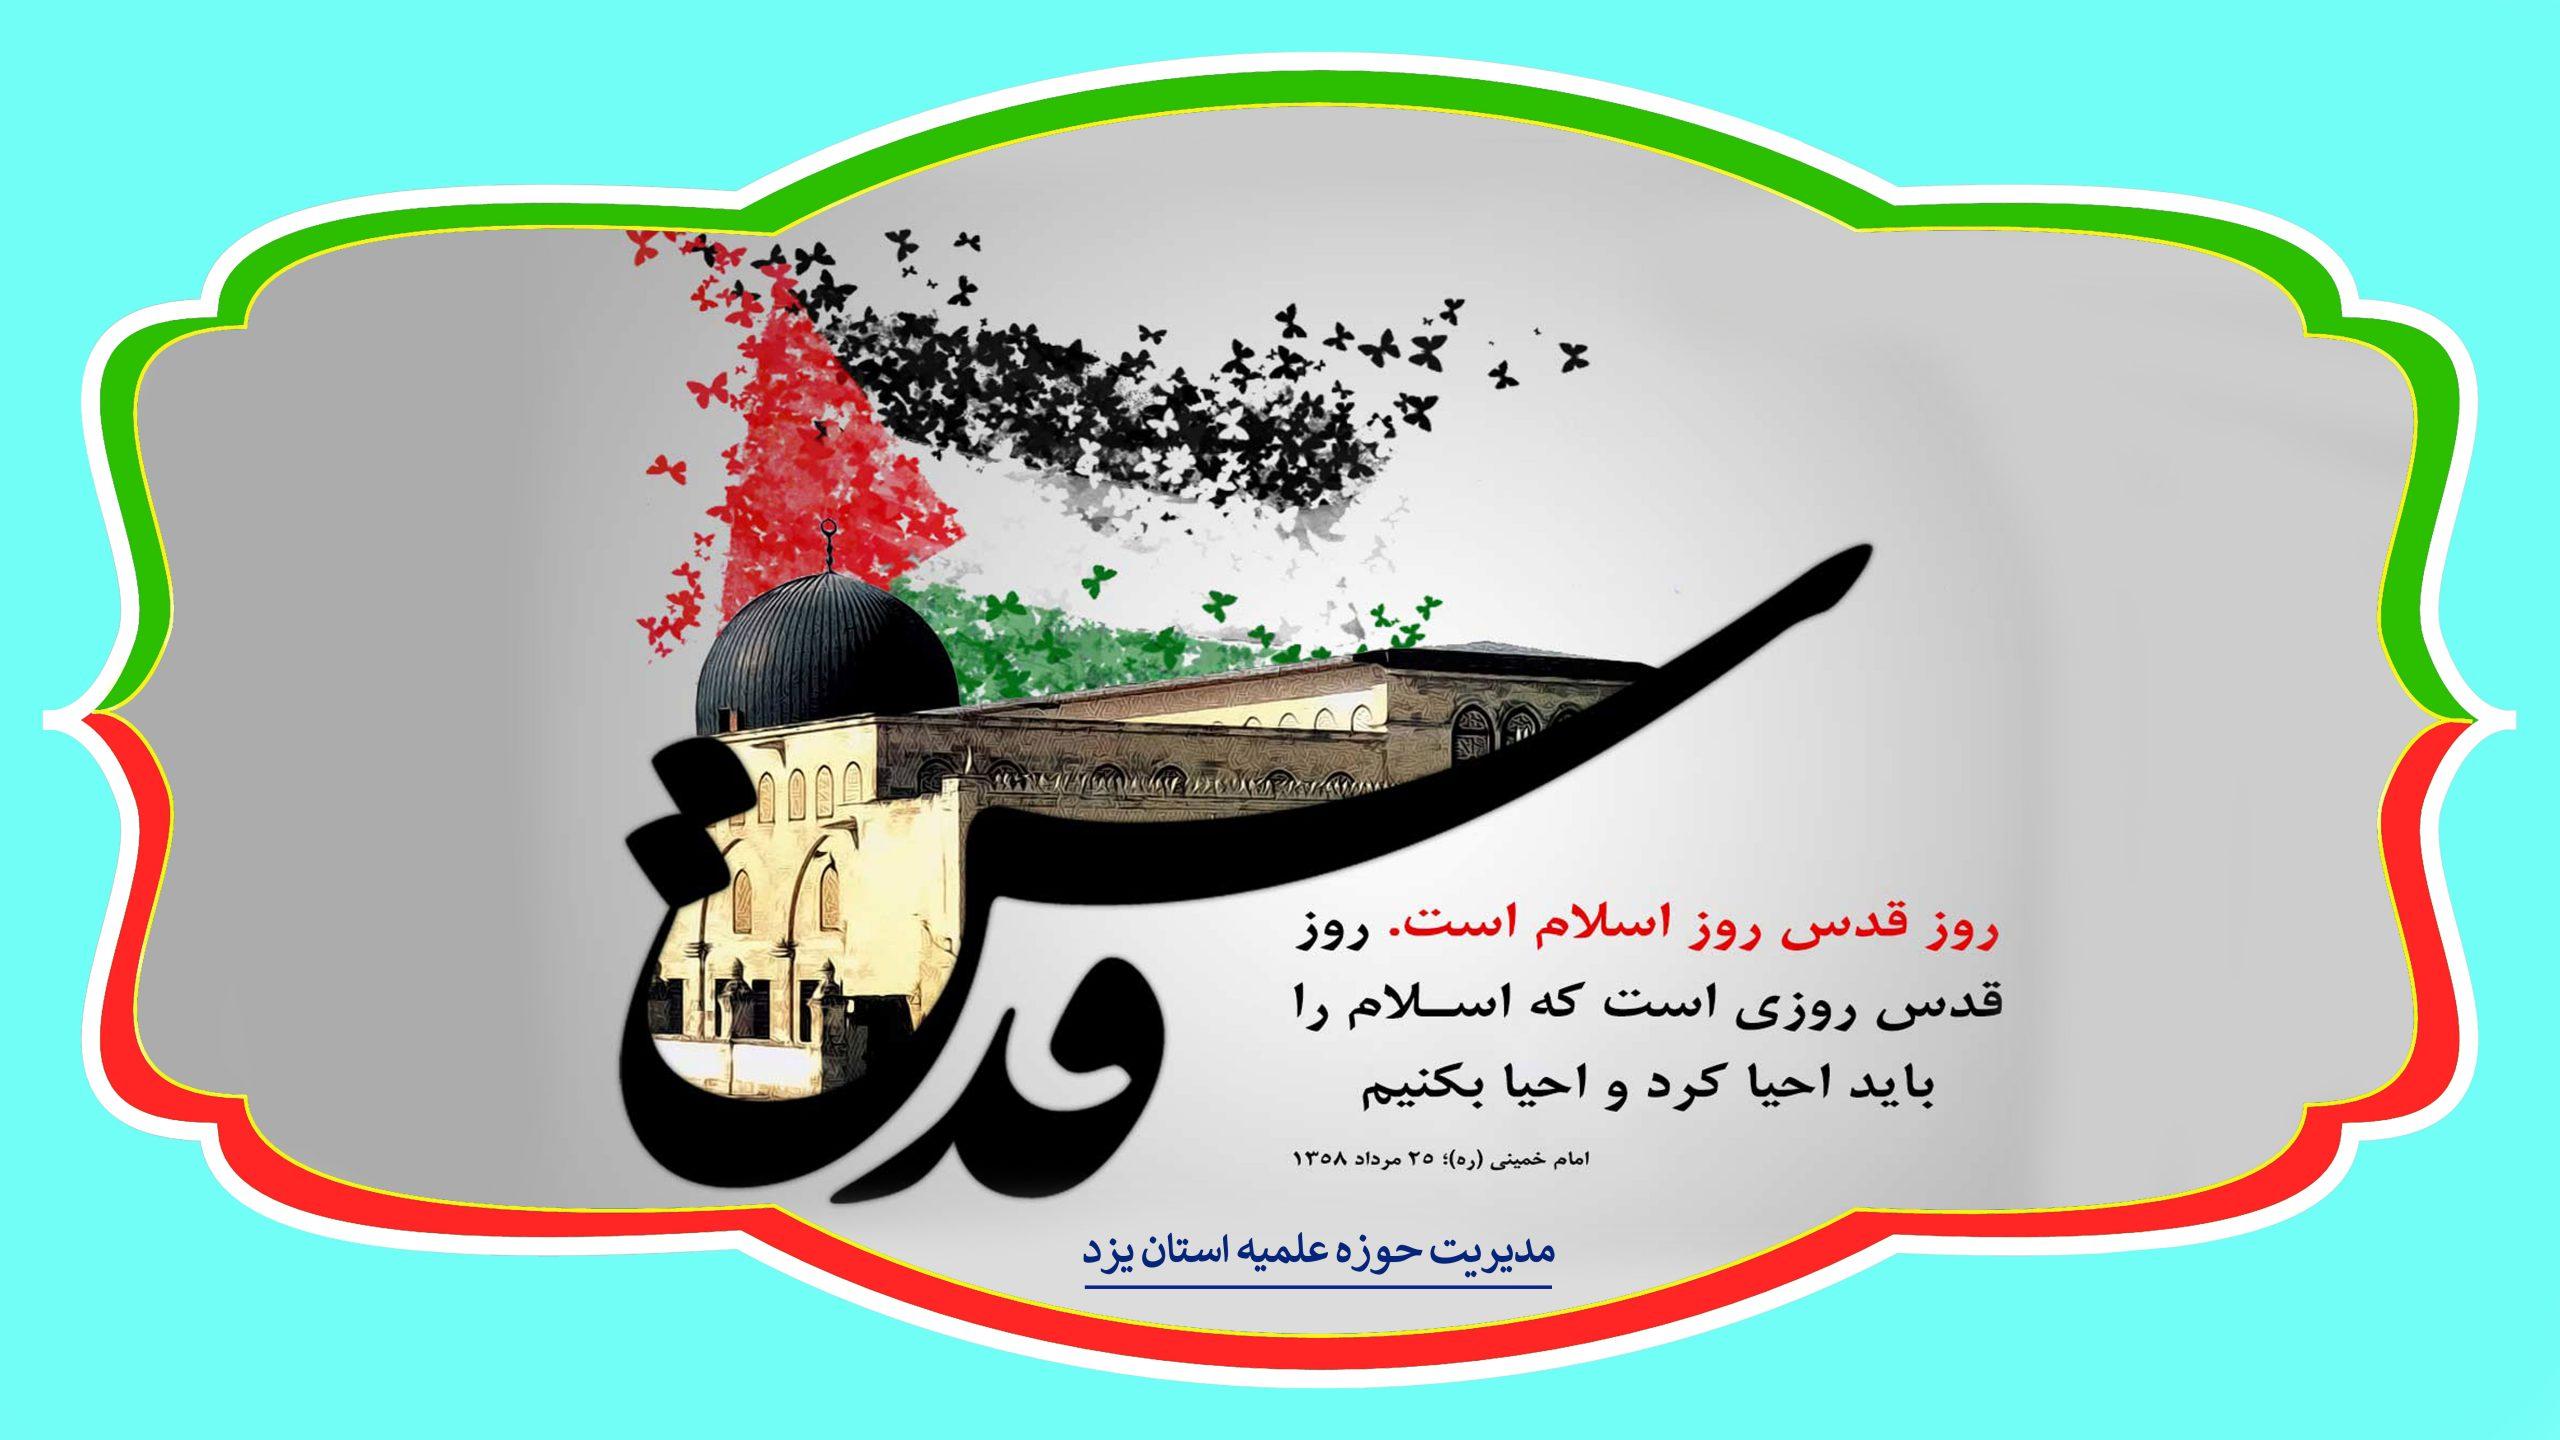 واحد رسانه حوزه علمیه استان یزد، اقدام به تهیه پوسترهایی با موضوع قدس برای نشر در فضای مجازی کرد.